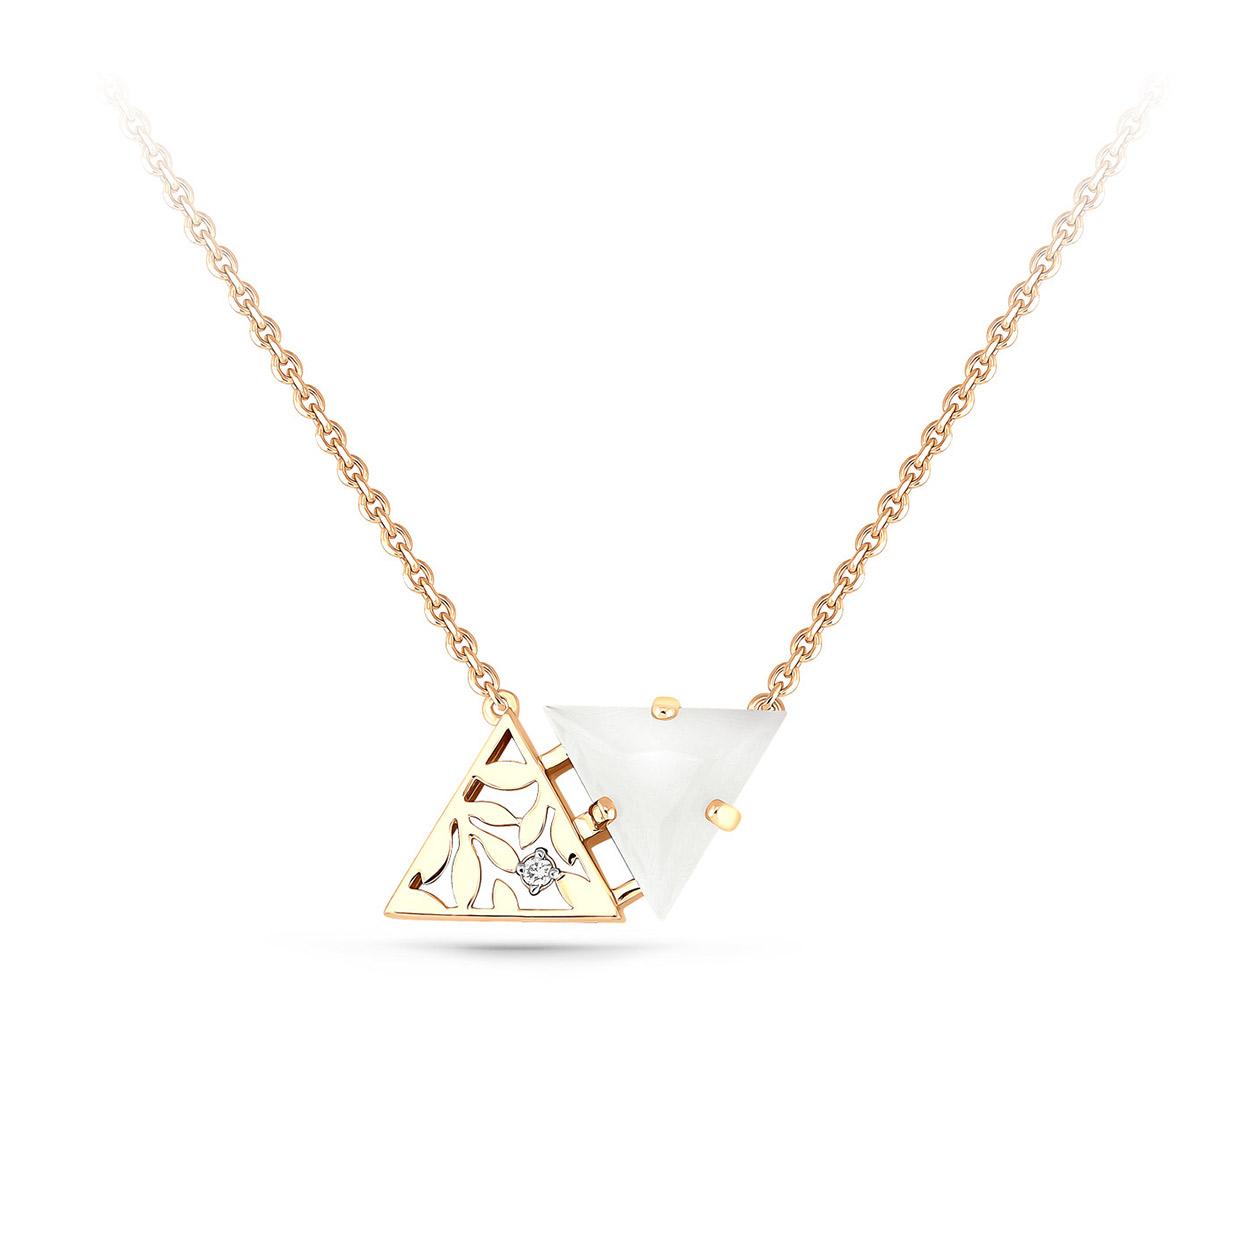 Колье из лимонного золота с бриллиантом и нефритом арт. 16-2996-1700 16-2996-1700